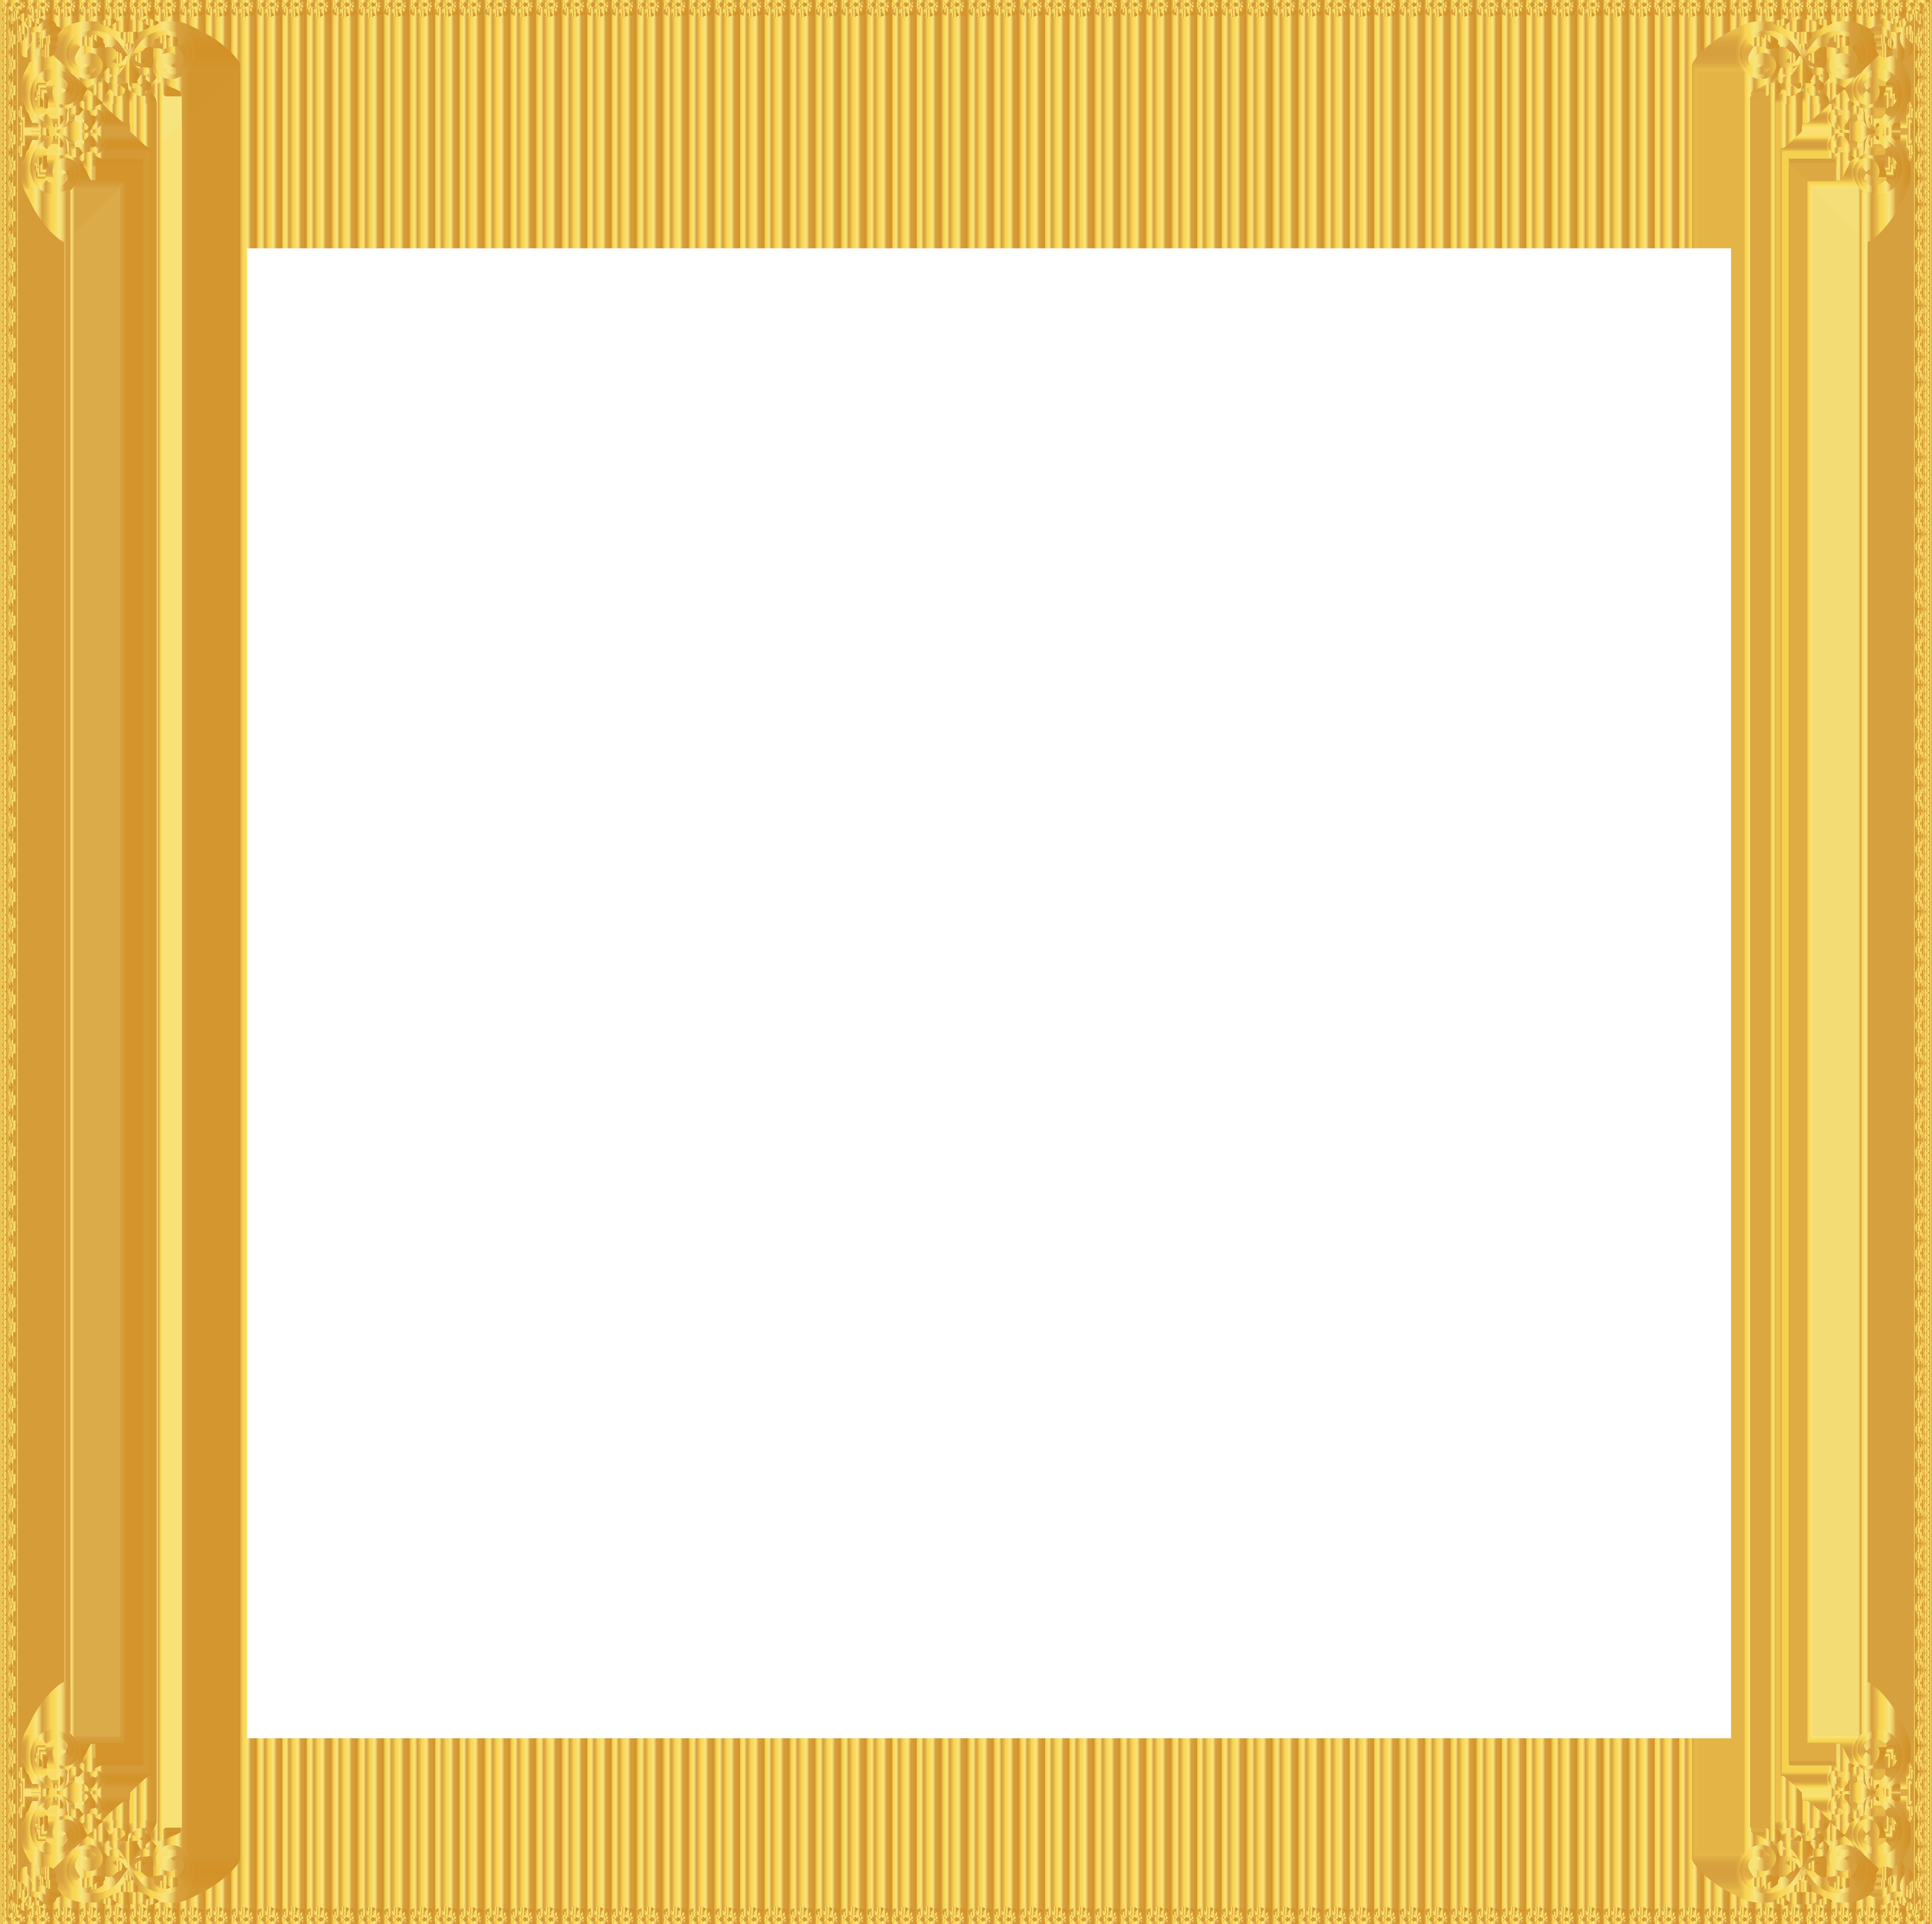 Download Gold Border Frame Clipart HQ PNG Image   FreePNGImg